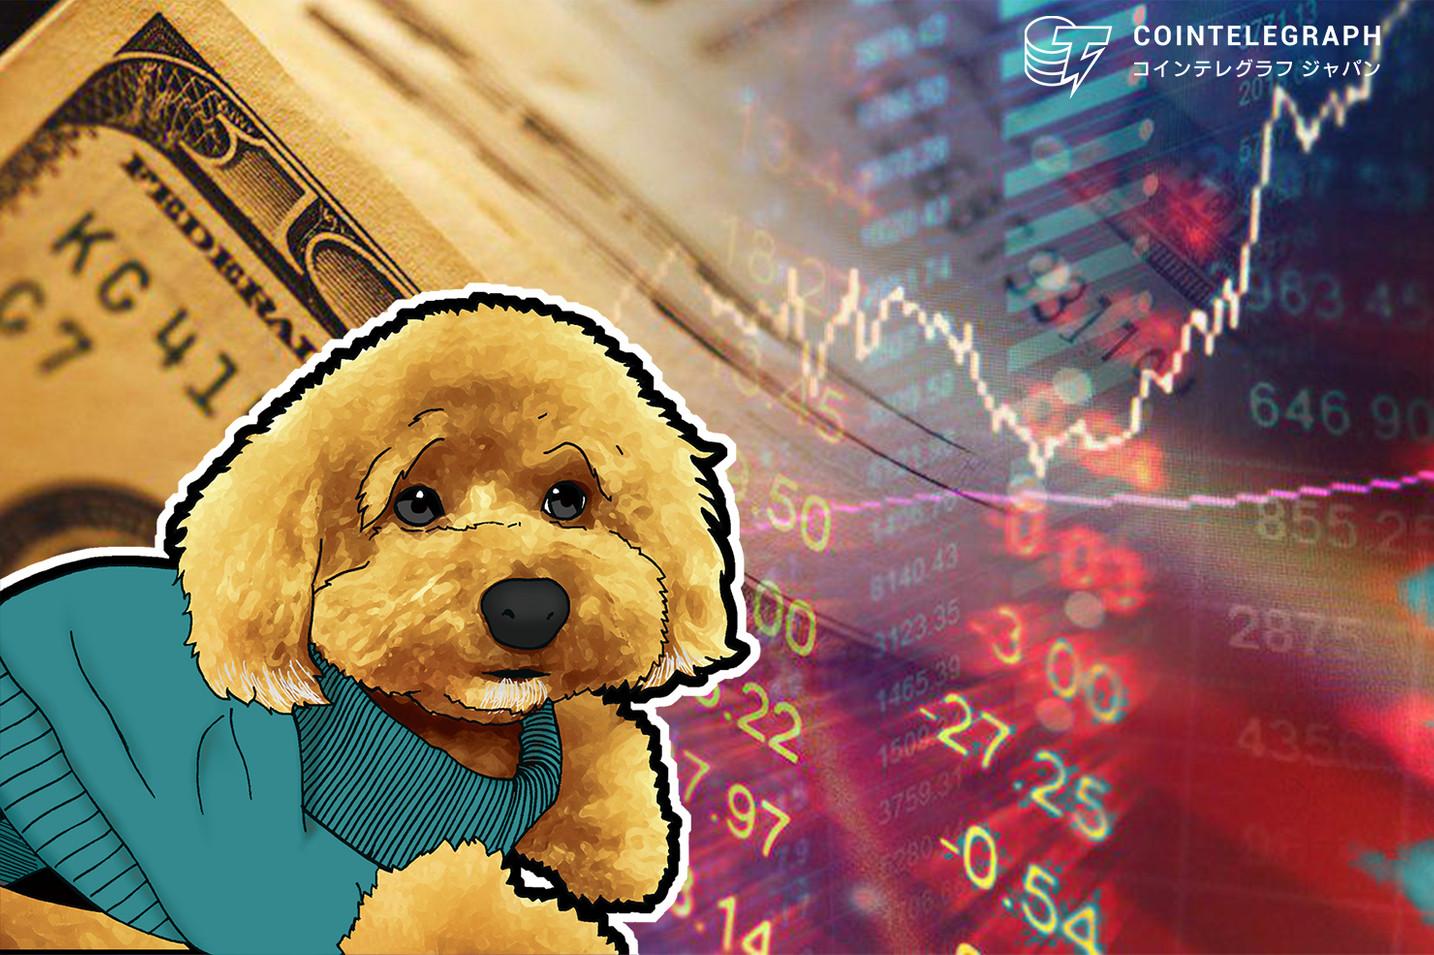 仮想通貨ビットコイン、8000ドルを下回る可能性も 見極めポイントは?